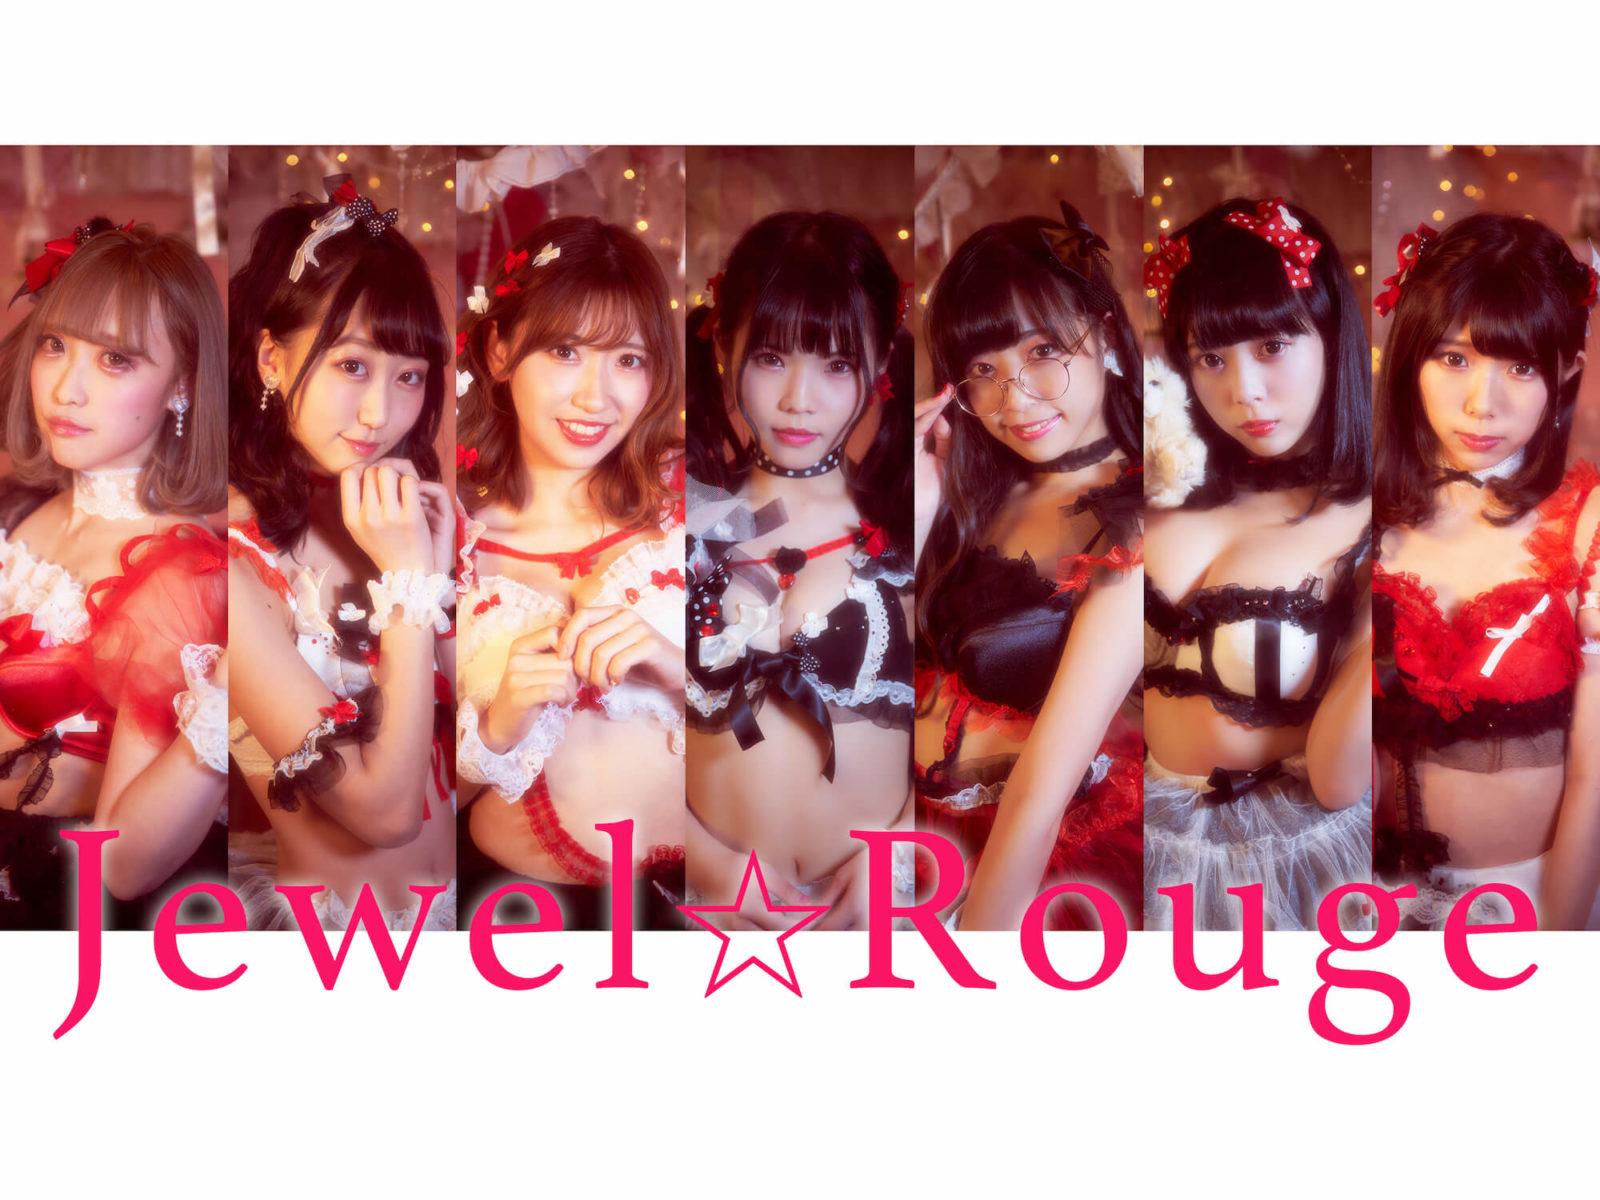 新体制初出演!Jewel☆Rouge、新曲2曲を披露に「曲によって表情がガラッと変わる私たちに注目して」【「IDOL CONTENT EXPO ~大無銭祭~」出演グループインタビュー】サムネイル画像